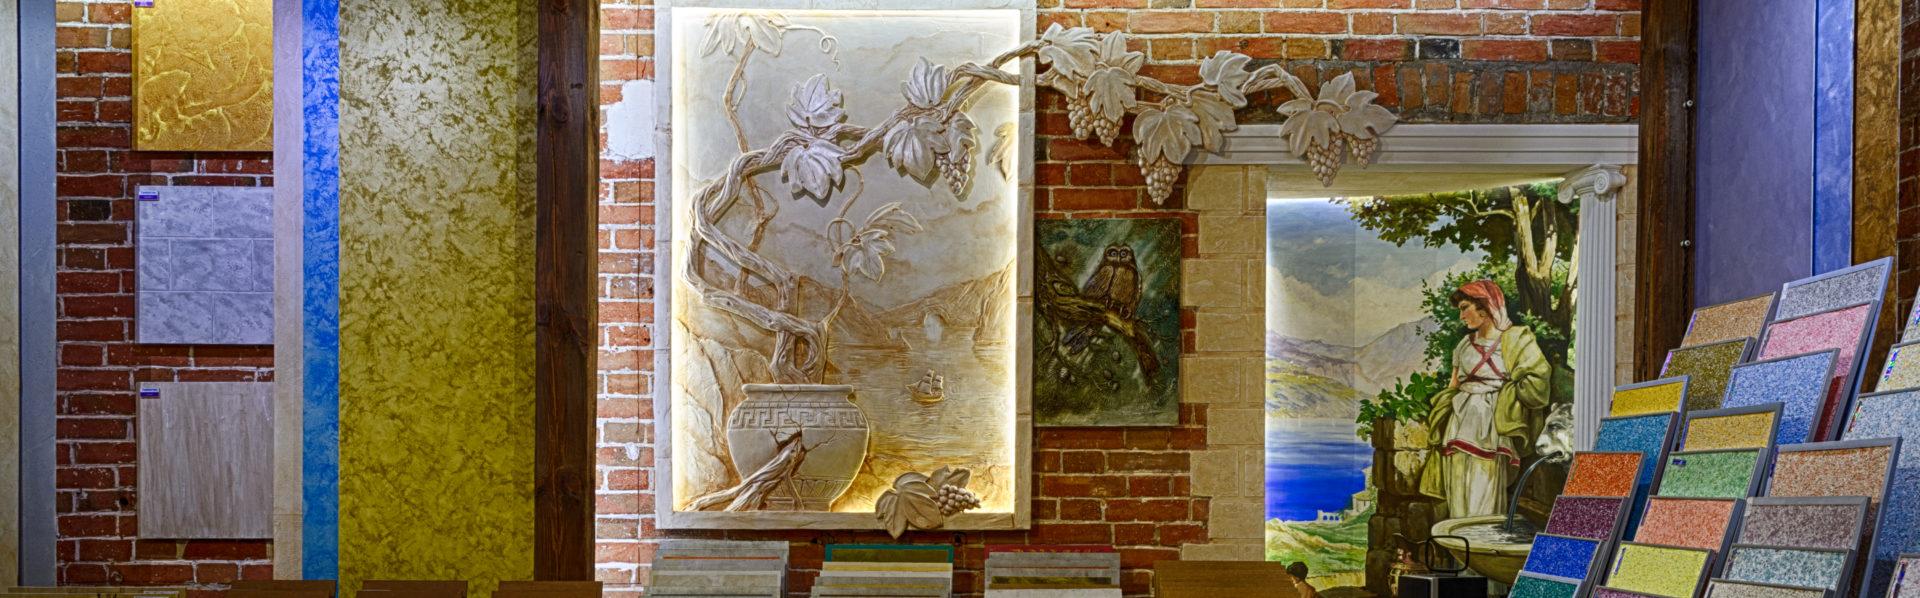 Фрески уникальной ручной работы из декоративной шёлковой штукатурки SILKPLASTER